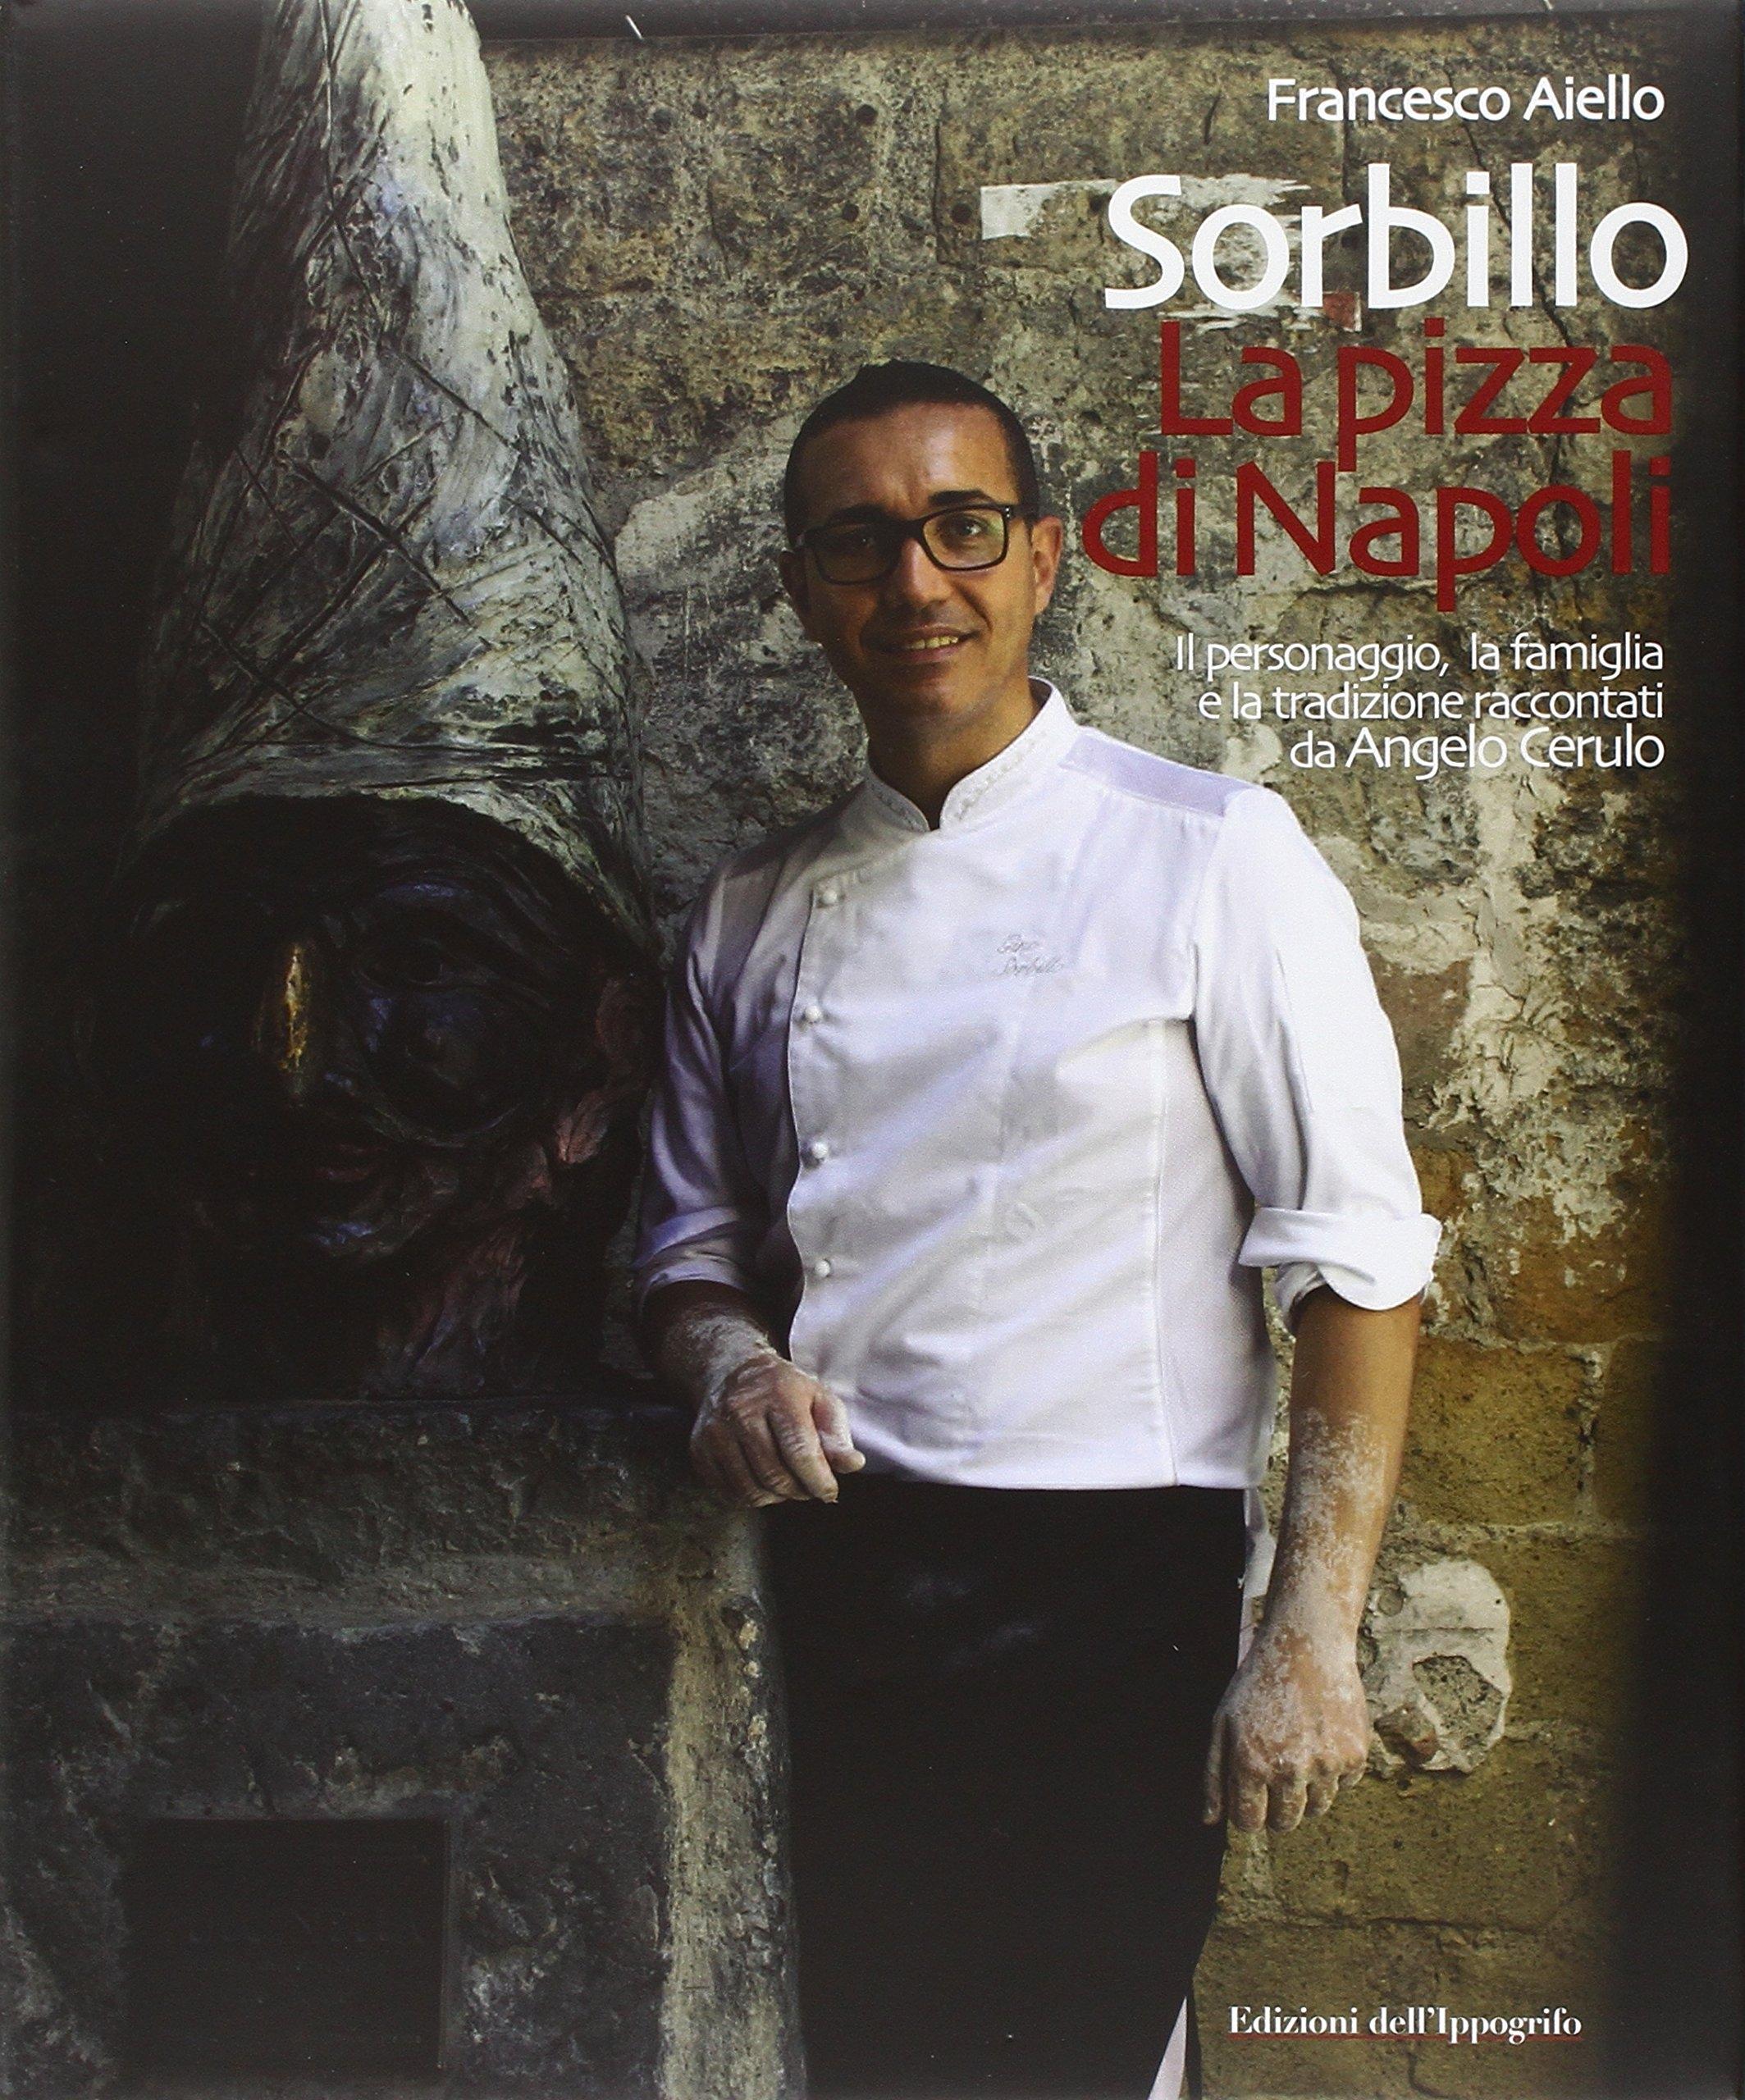 Gino Sorbillo. La Pizza di Napoli. Il personaggio, la famiglia e la tradizione raccontati da Angelo Cerulo